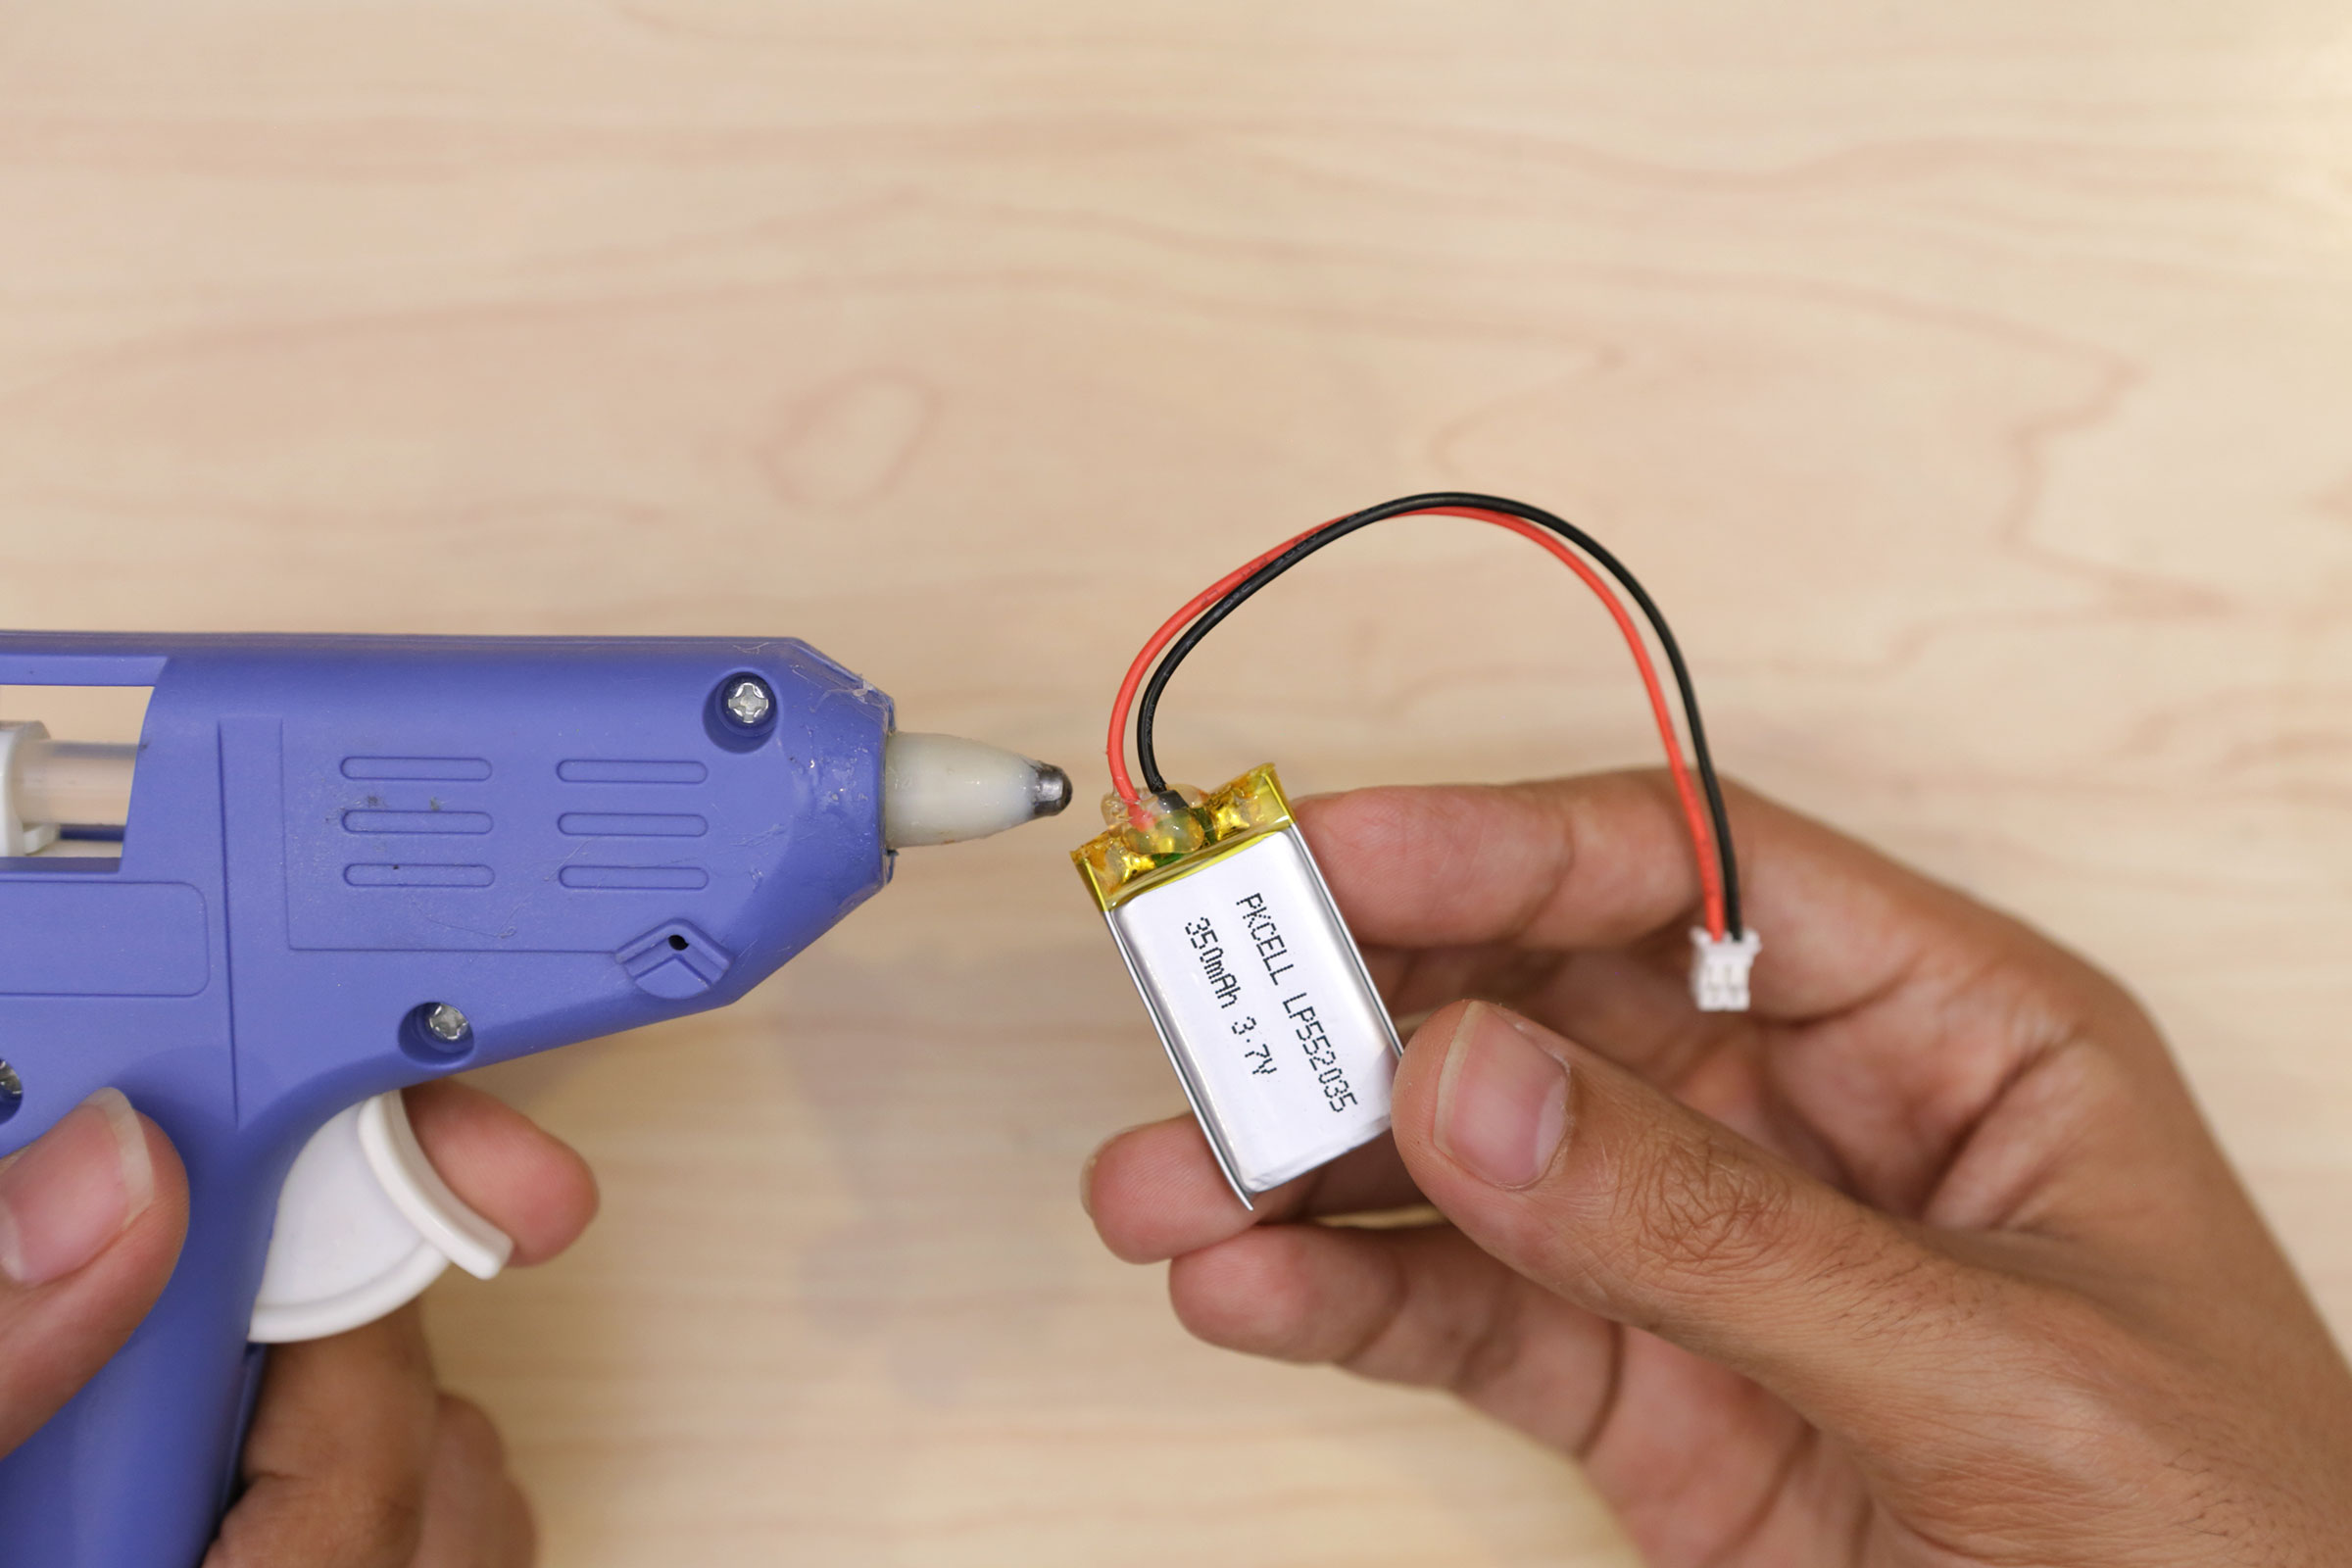 circuit_playground_hotglue-battery-wire.jpg